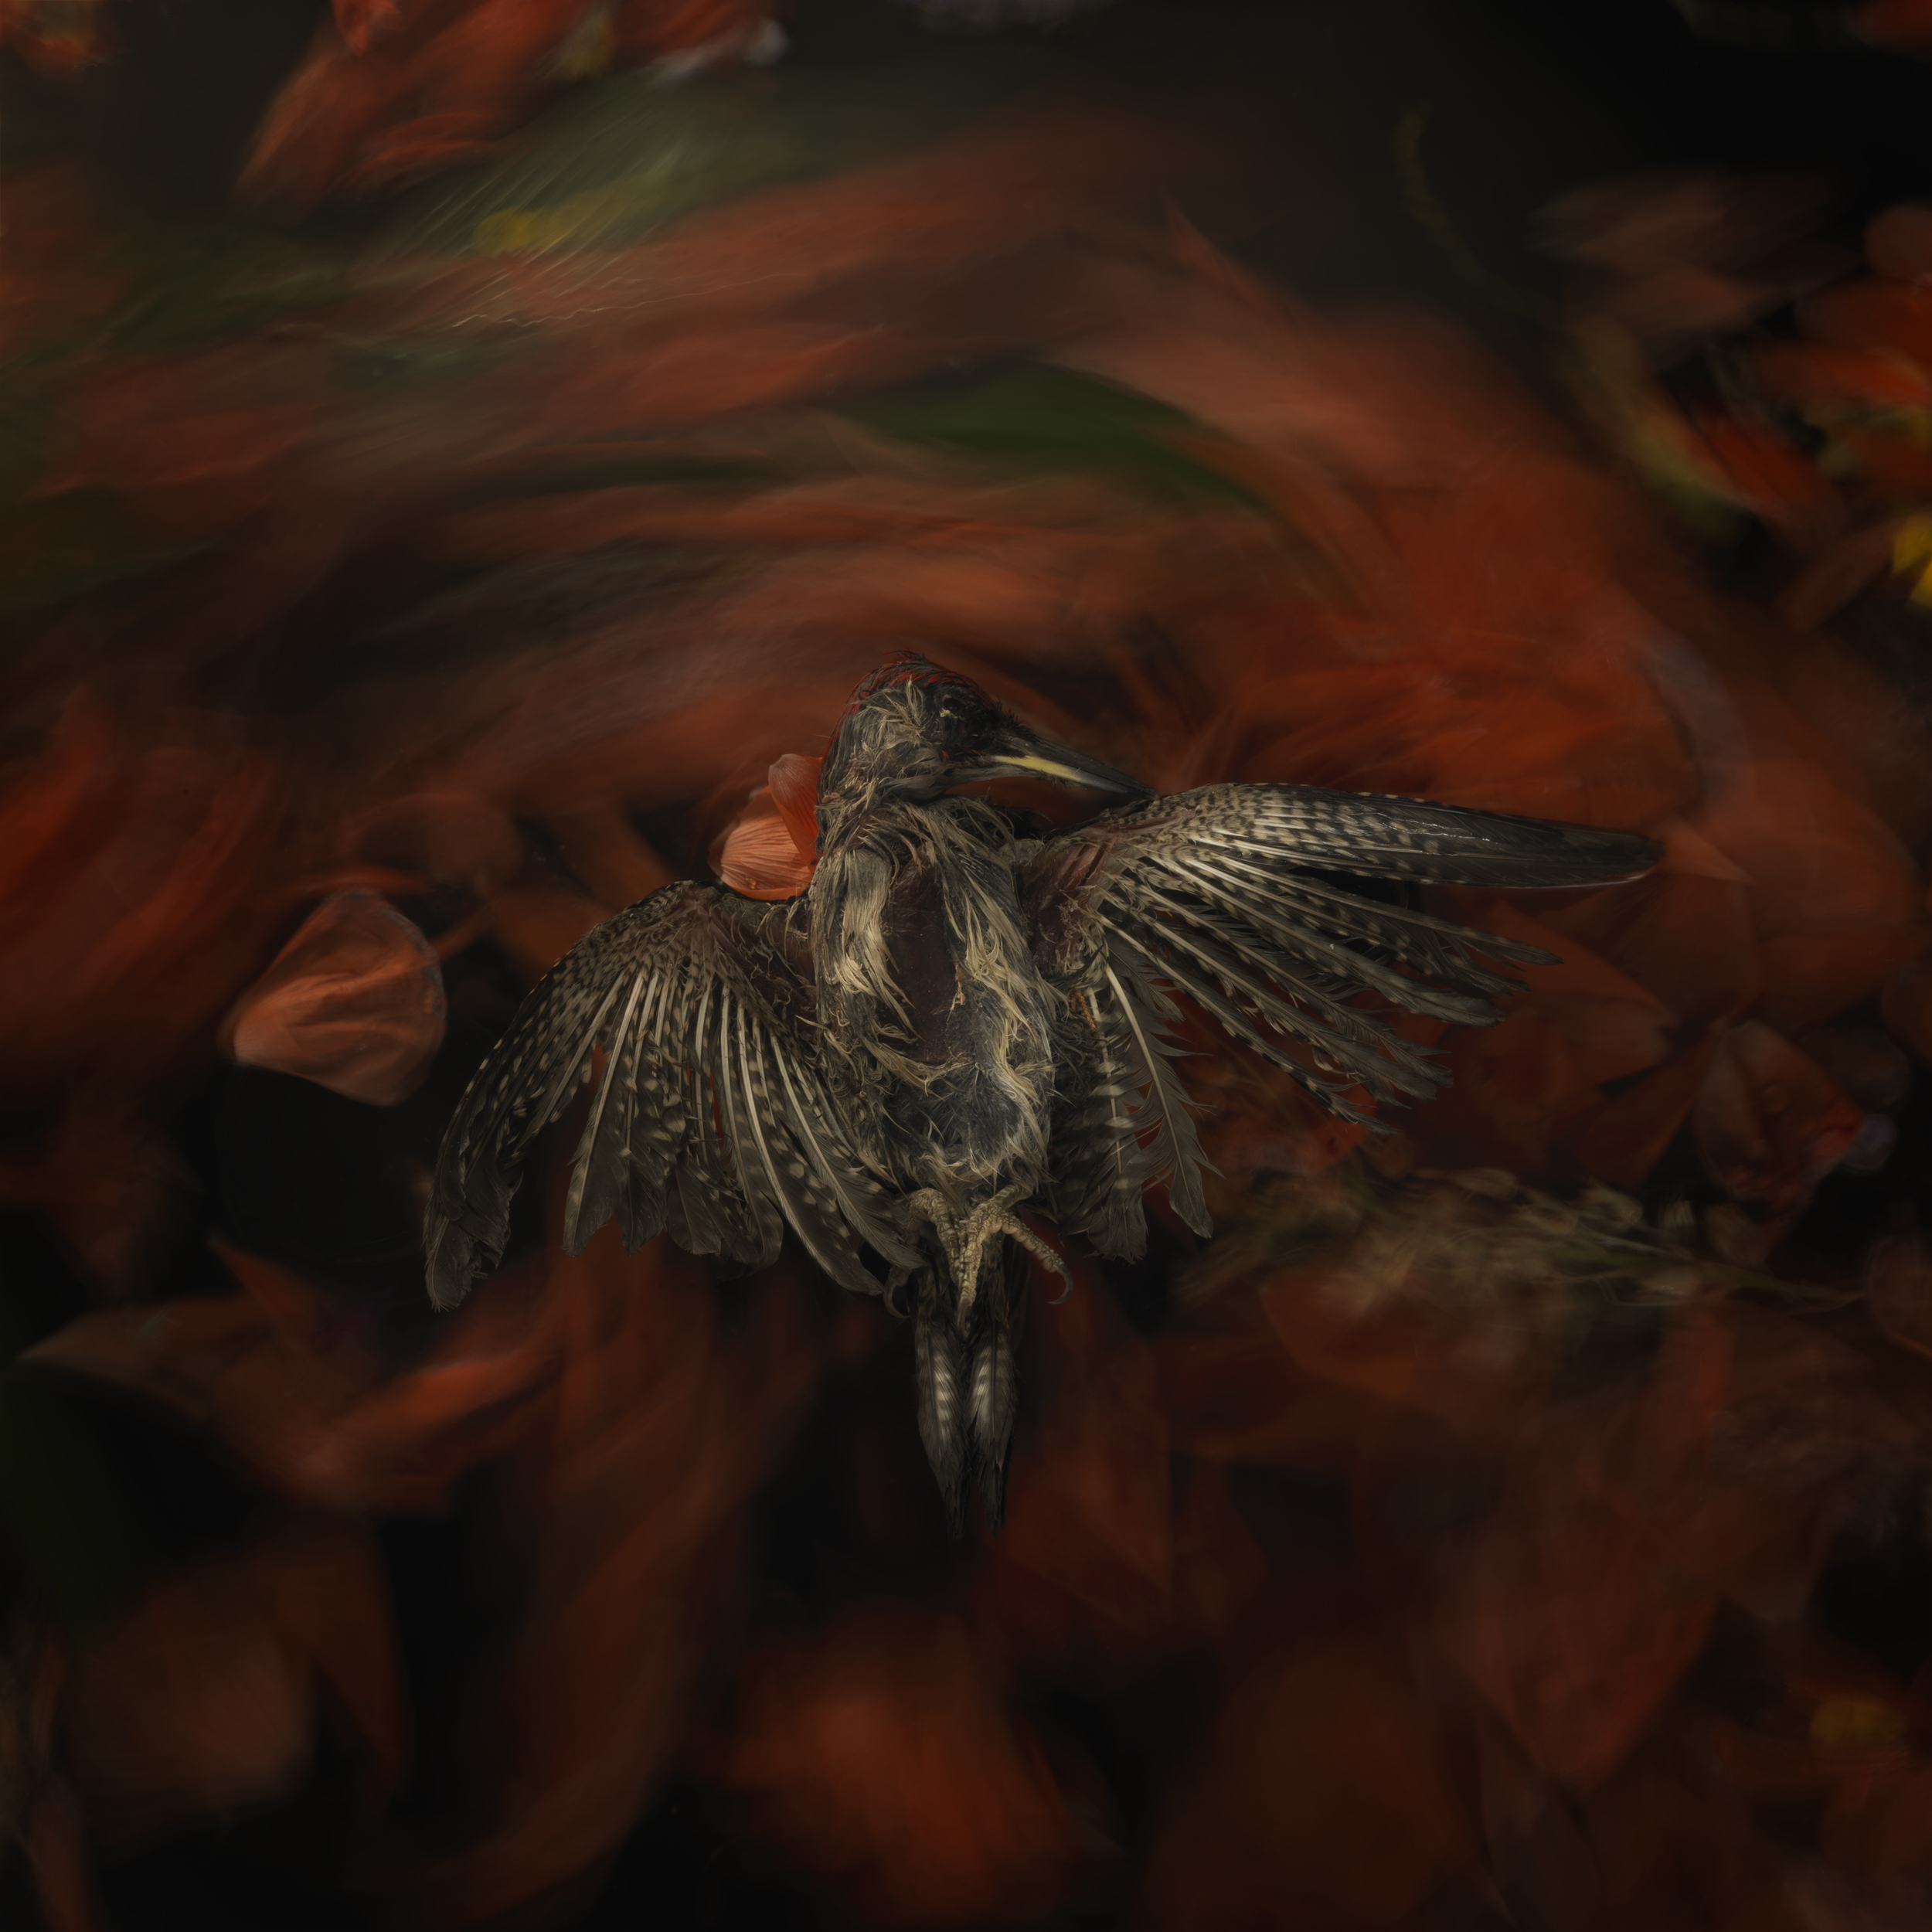 Bird #8